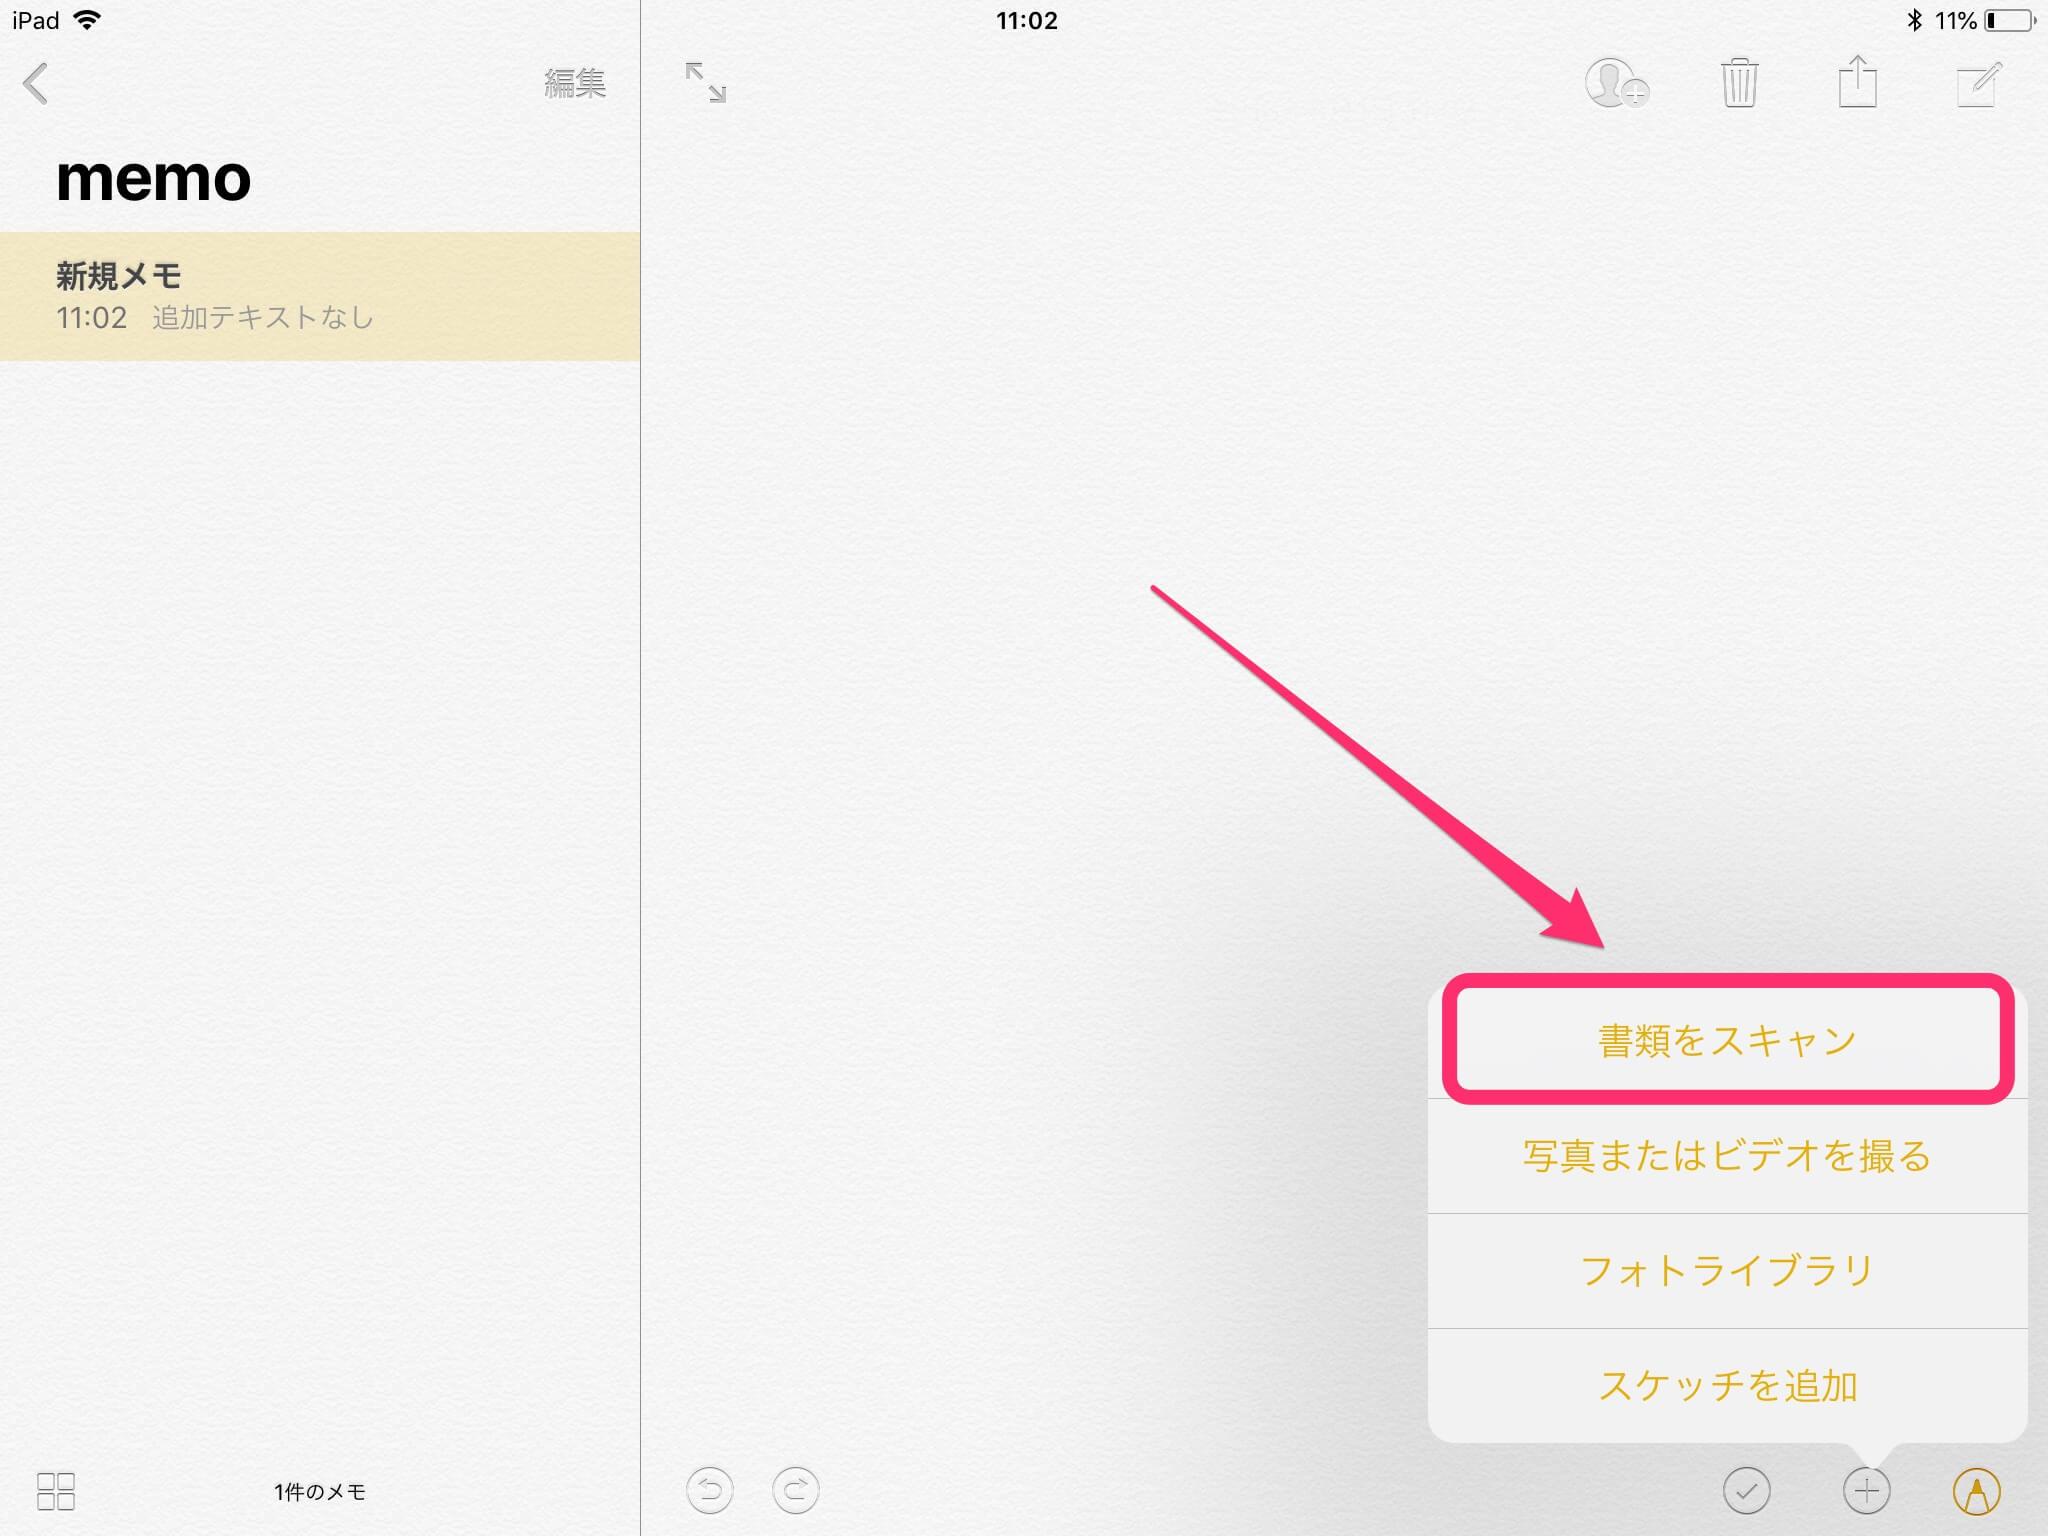 iPadのメモで書類をスキャンする方法の画像